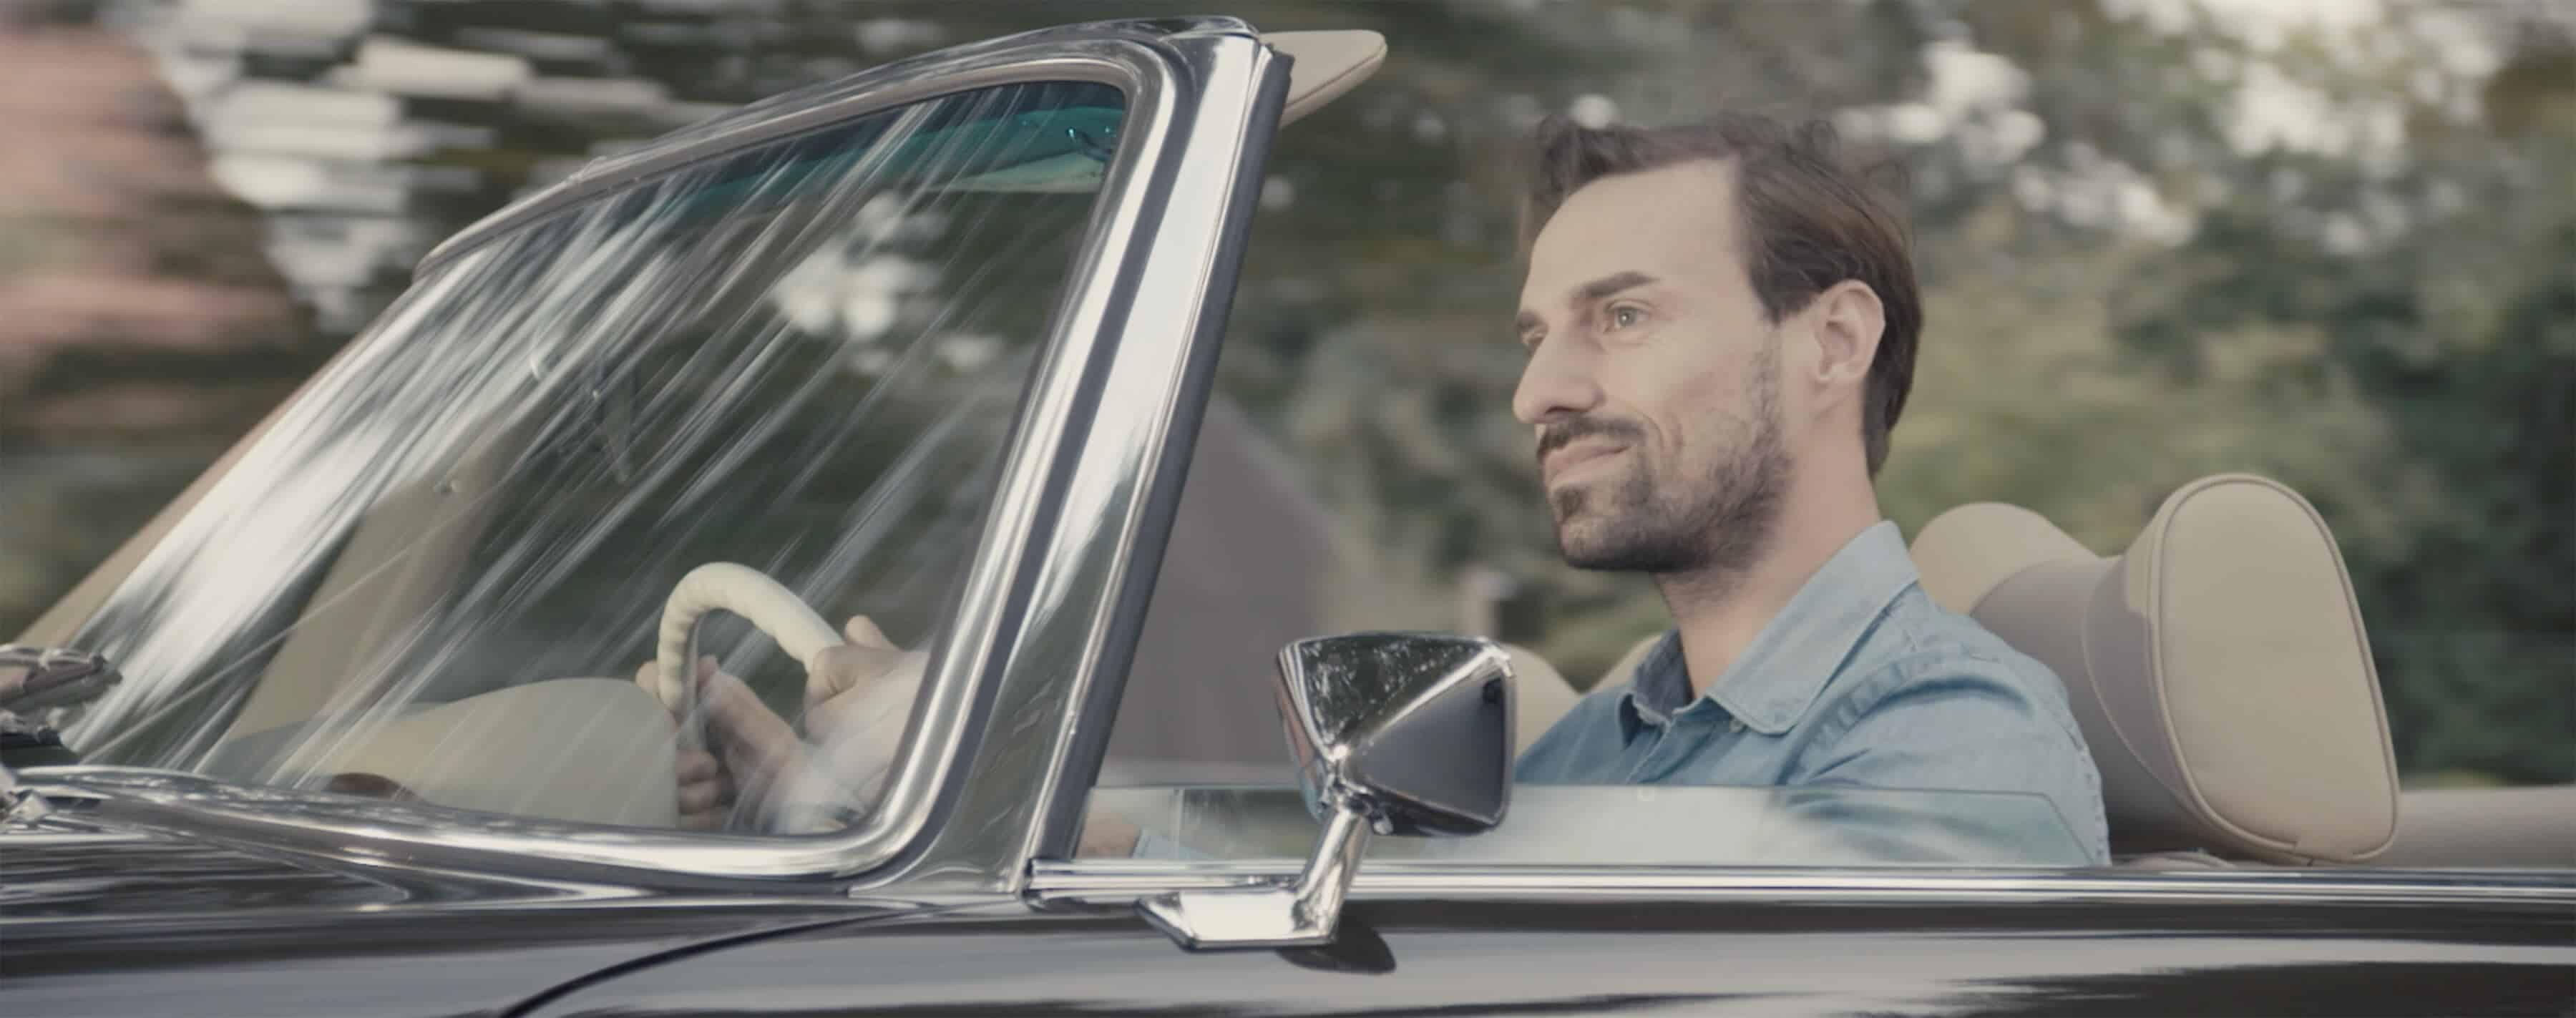 Autohaus-Juergens-Bild-videoproduktion-referenz